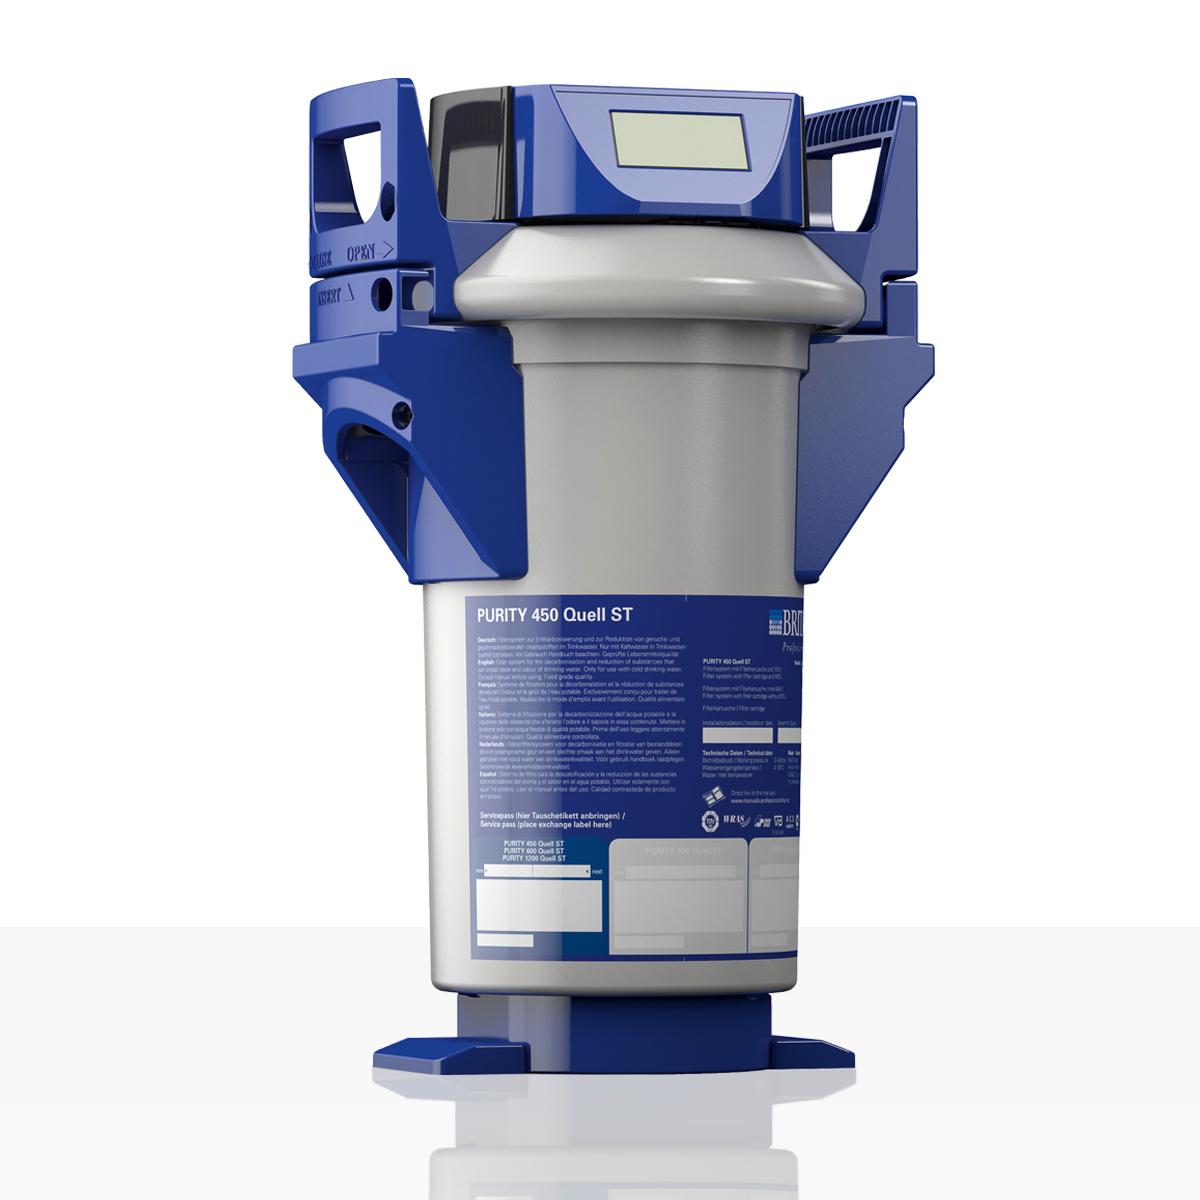 Brita Purity 450 Quell ST Filtersystem mit MAE